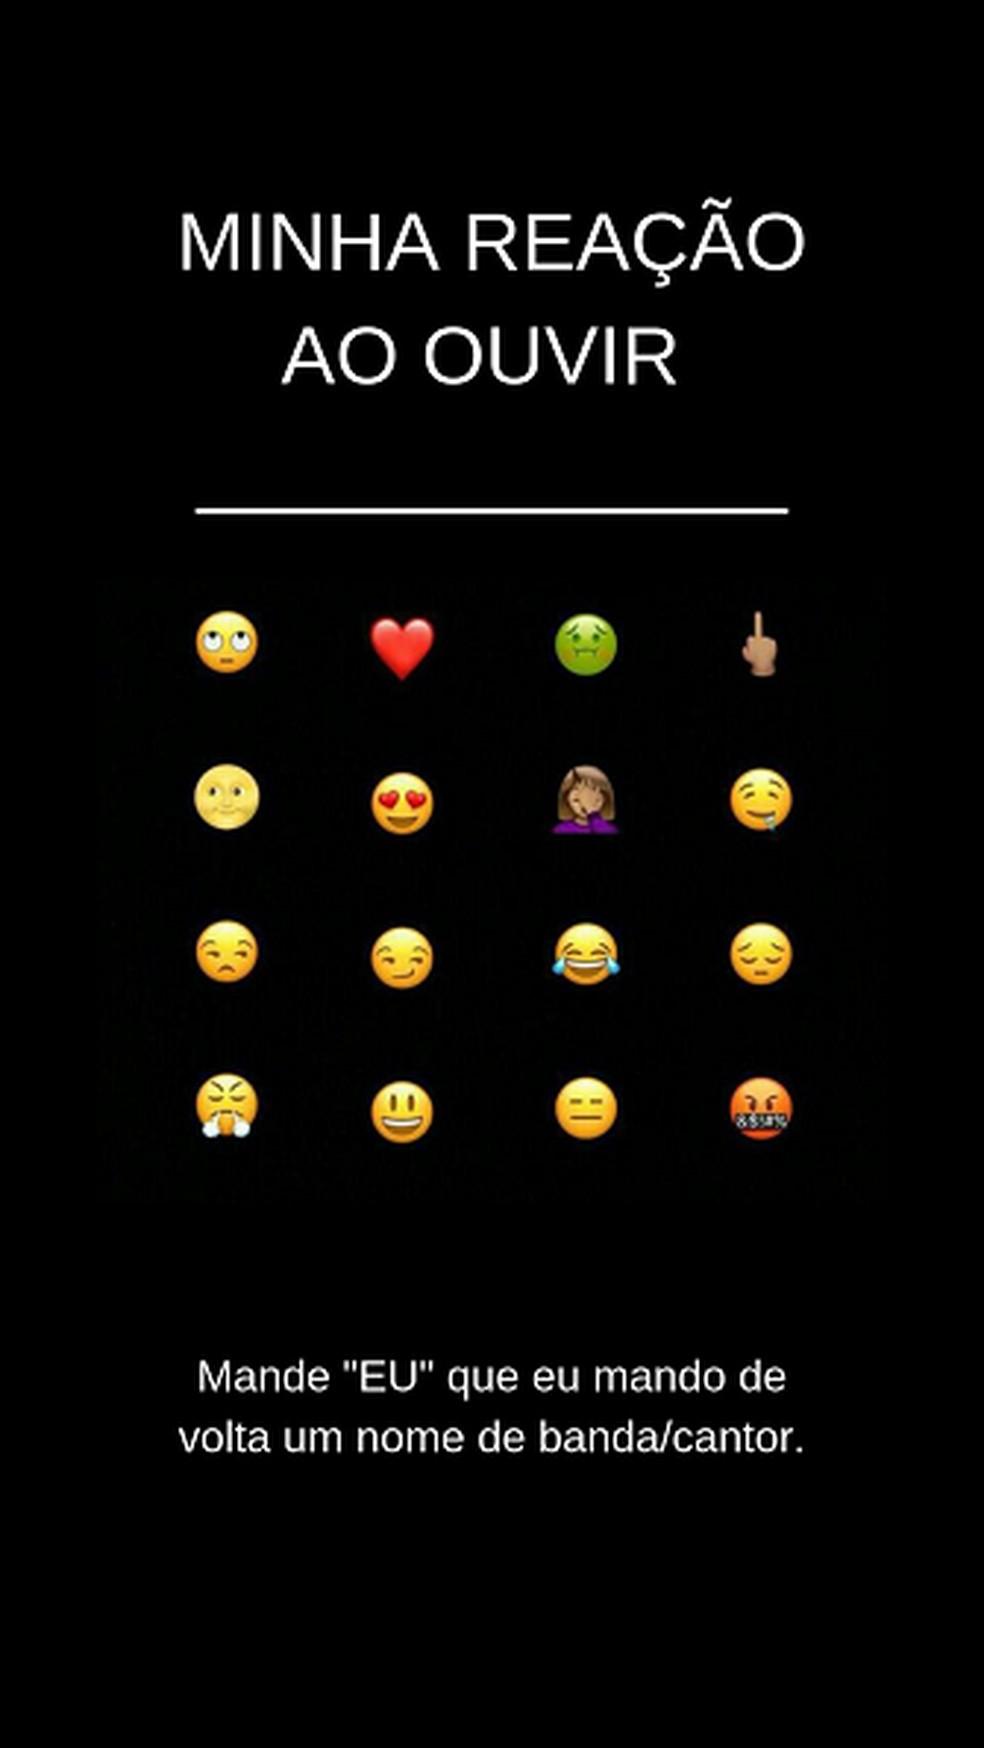 Interessados devem reagir a banda/cantor selecionando emojis nesta brincadeira para status de WhatsApp — Foto: Reprodução/Pinterest